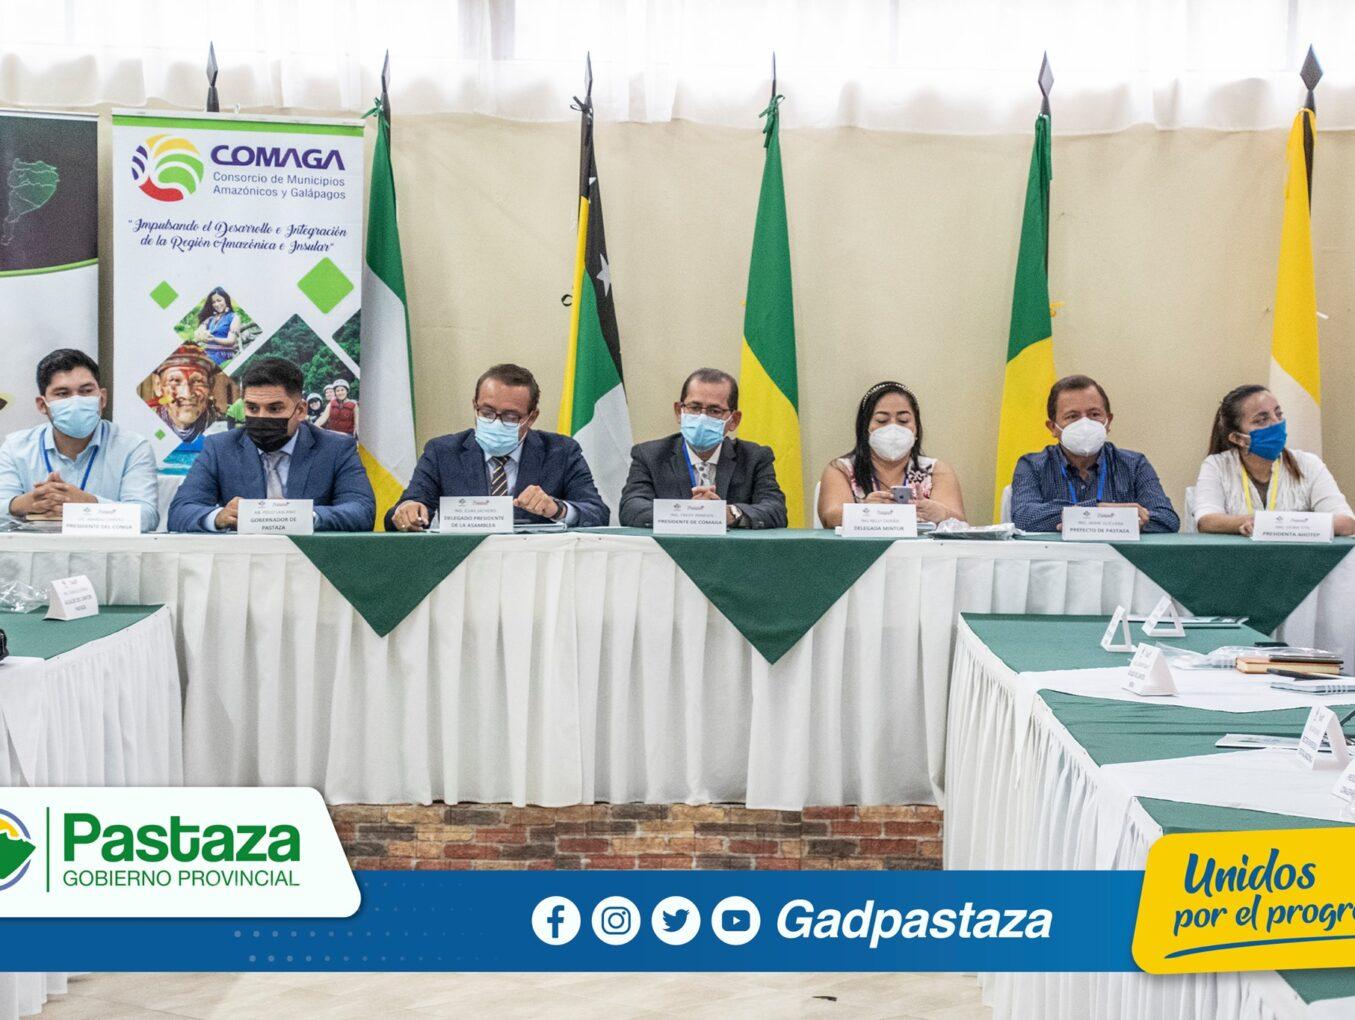 ¡Prefecto participa de la I Cumbre Amazónica en Pastaza!